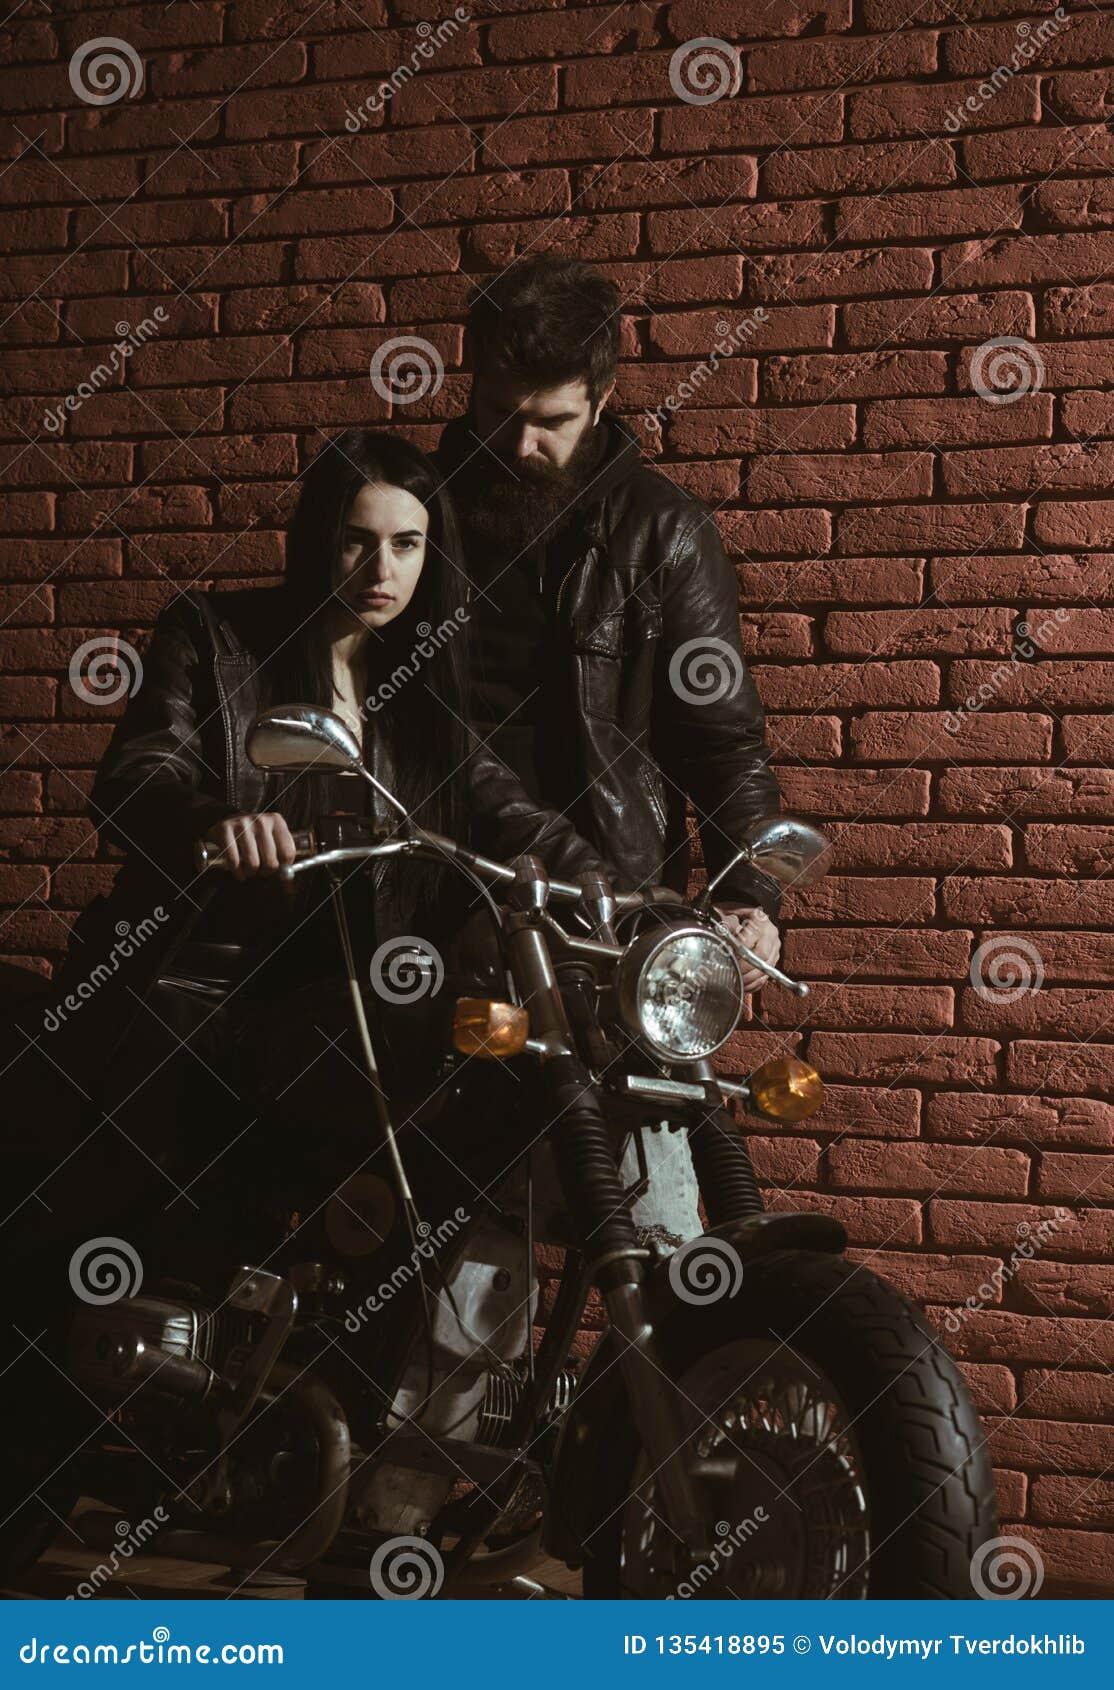 Vriend en meisje vriend en meisje op motorfiets liefderelaties van vriend en meisje boyfriend